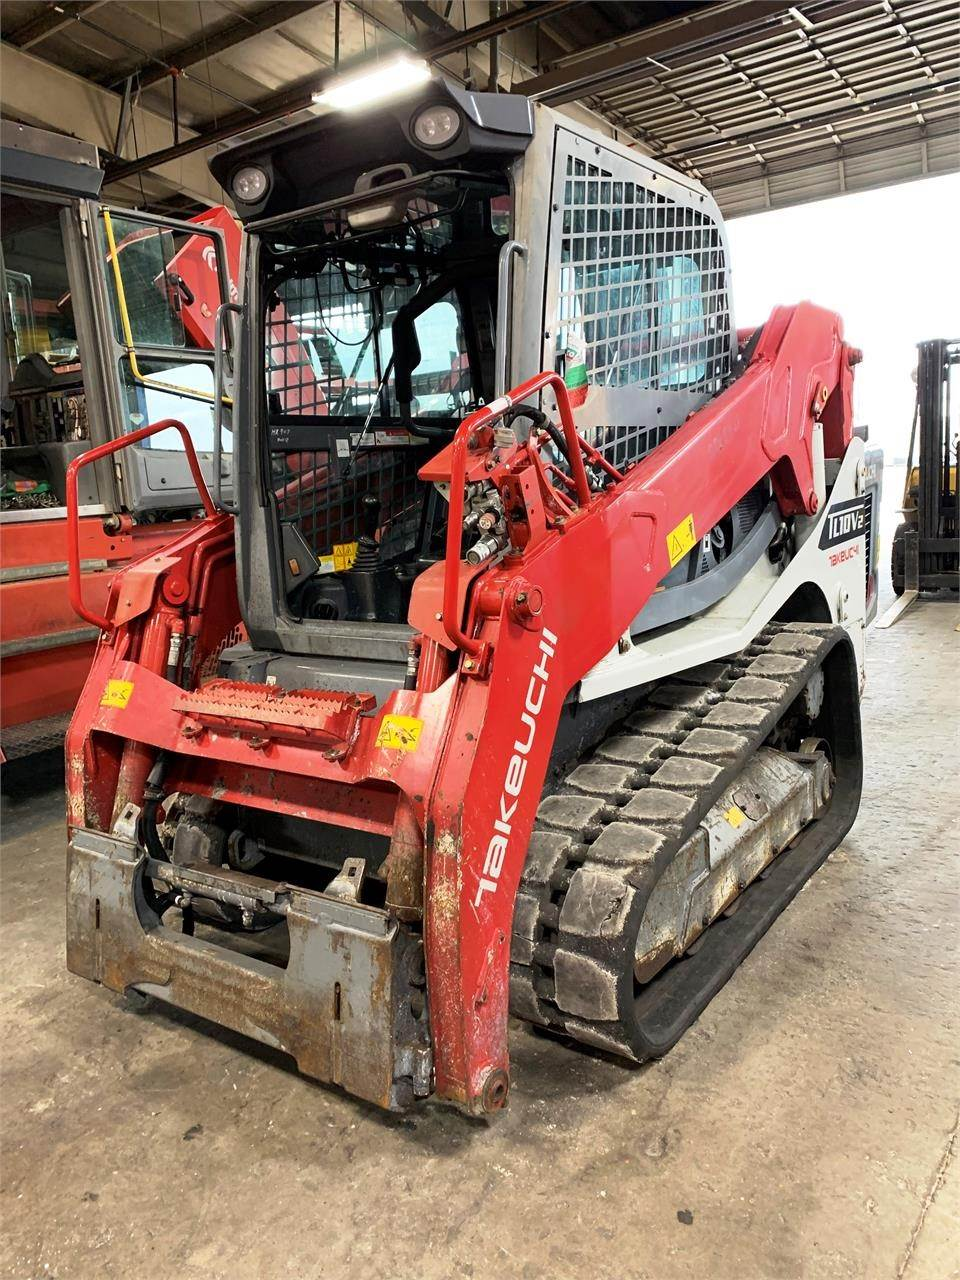 Takeuchi TL10V2, Skid Steer Loaders, Construction Equipment